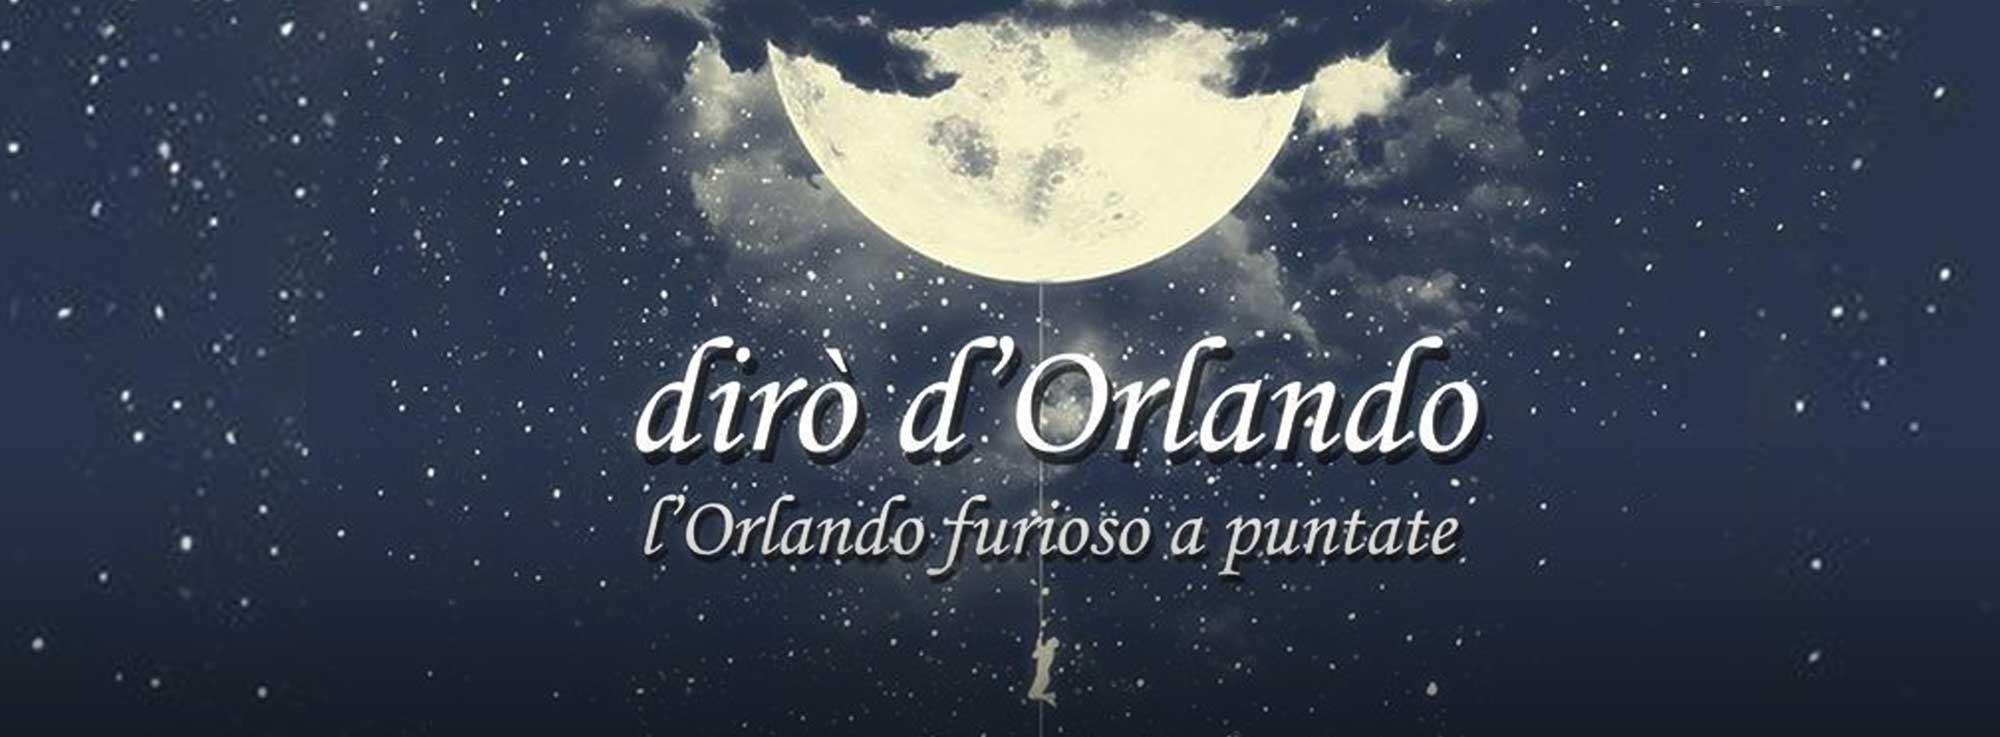 Andria: Dirò d'Orlando – l'Orlando Furioso a puntate